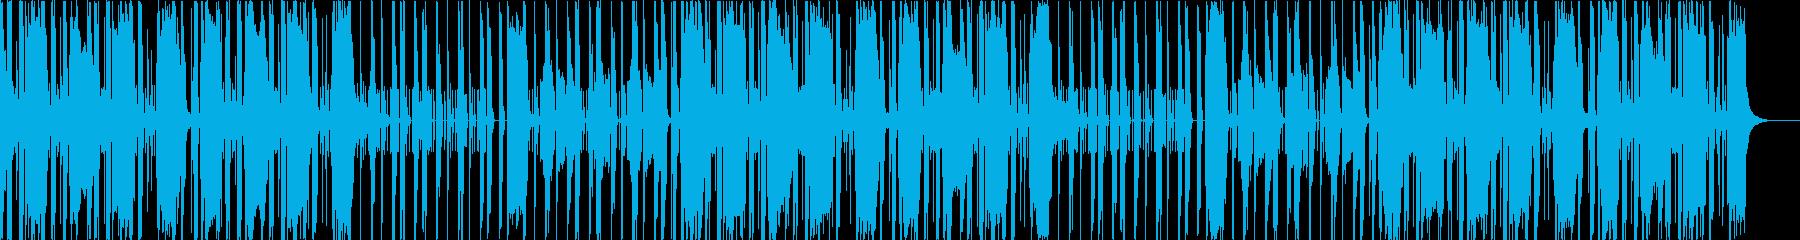 おしゃれなKawaiiHipHopの再生済みの波形